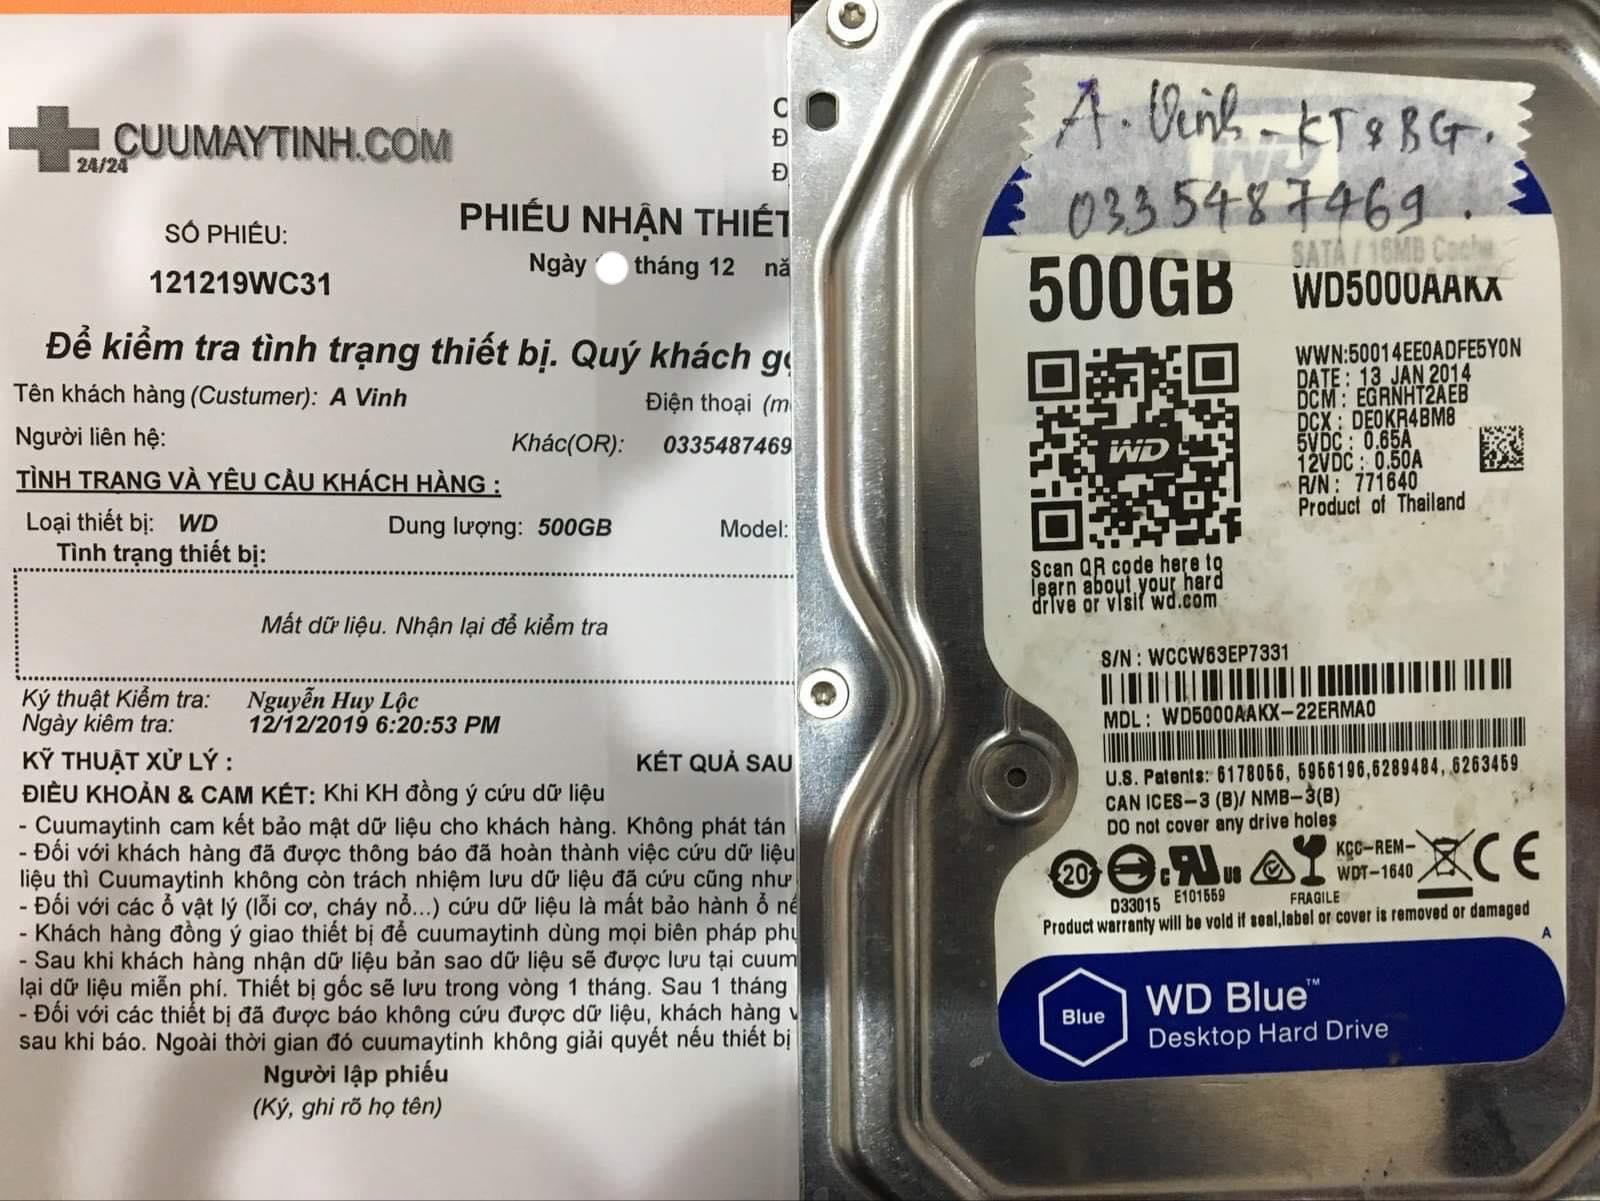 Lấy dữ liệu ổ cứng Western 500GB mất dữ liệu 14/12/2019 - cuumaytinh